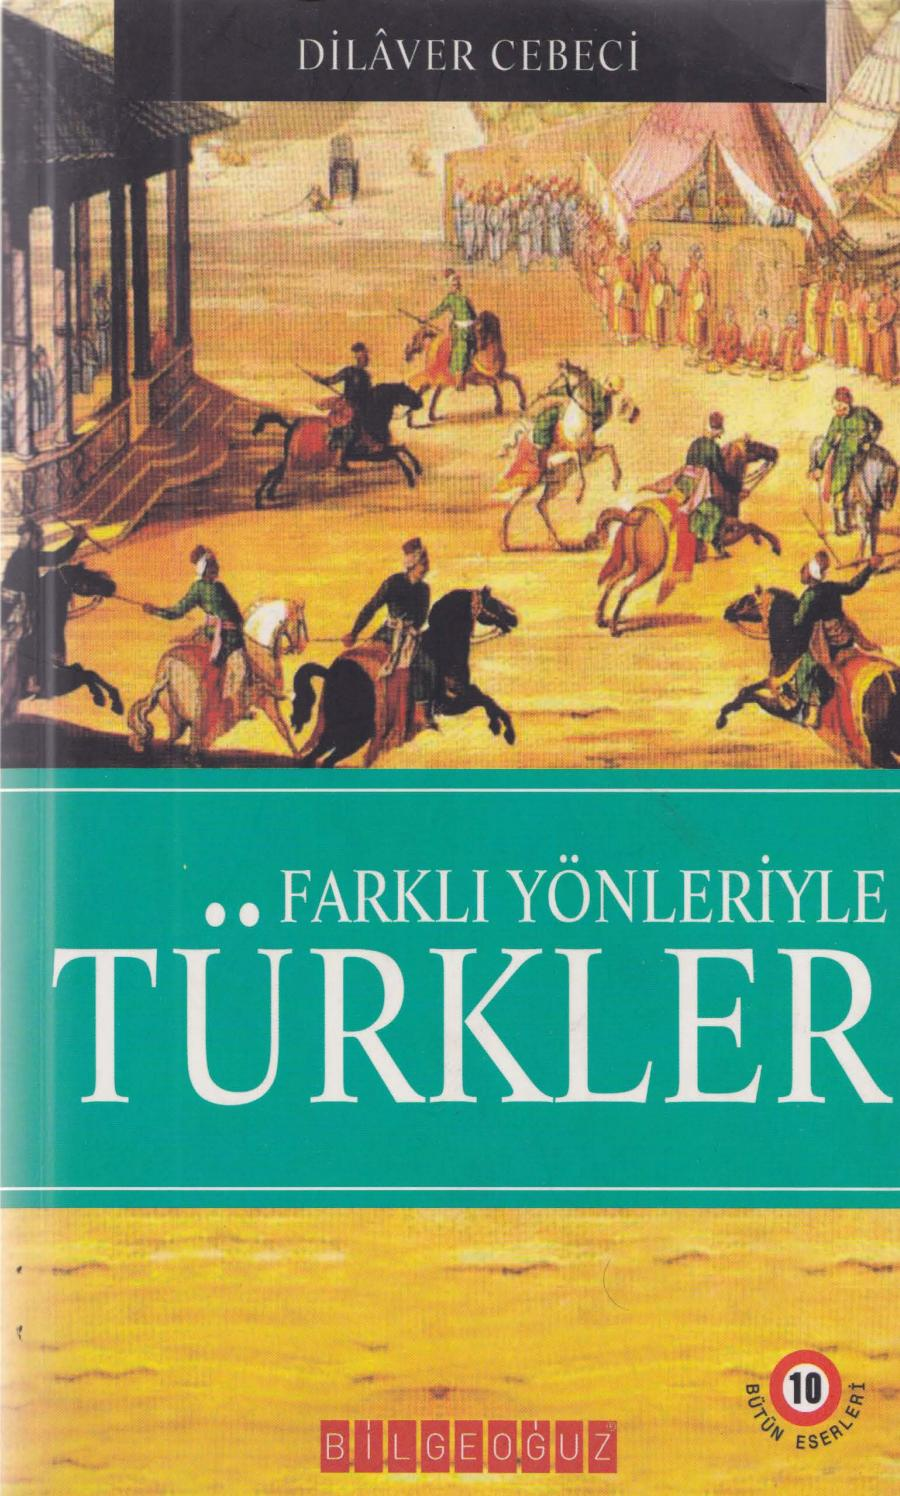 Dilaver Cebeci - Farklı Yönleriyle Türkler